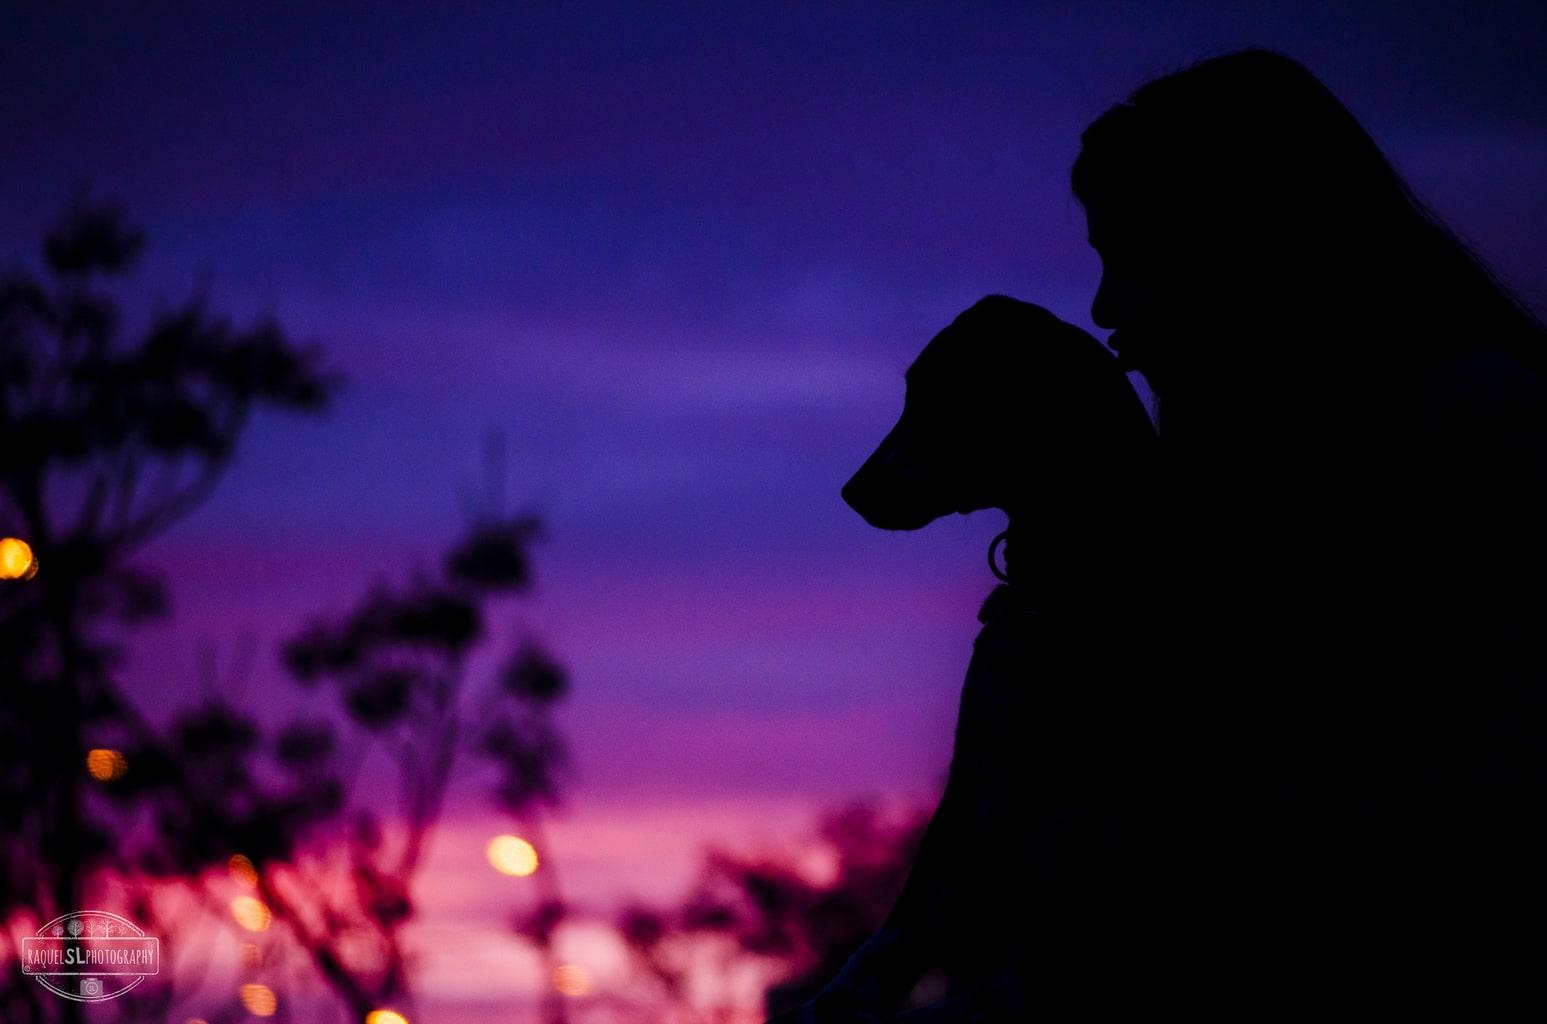 RaquelSL Photography - El Amor entre dos Especies